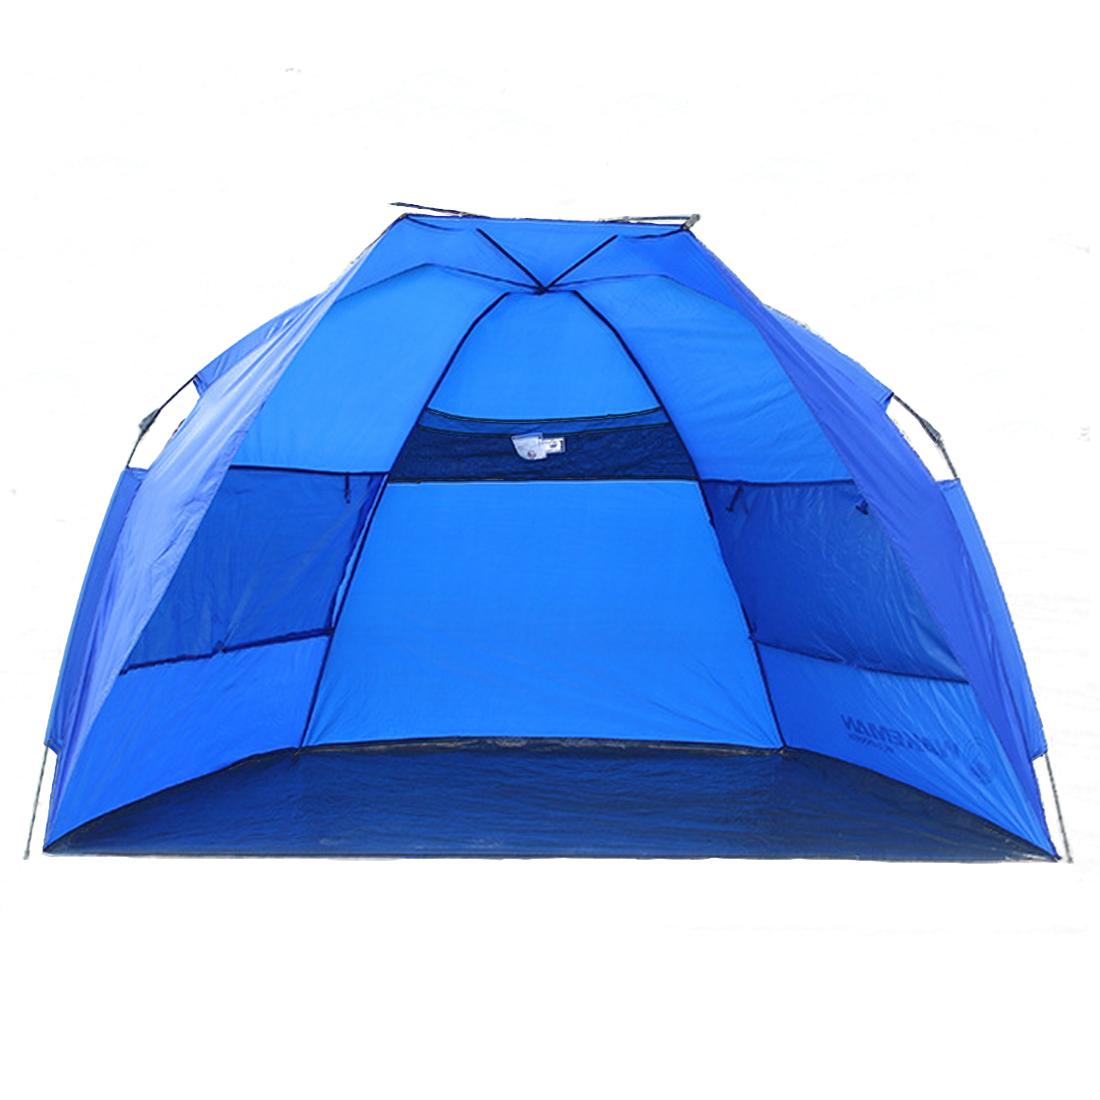 ЛюдиНаоткрытомвоздухеКемпинг Палатка Водяной Повод Автоматическая Пляжный Навес для теней навеса